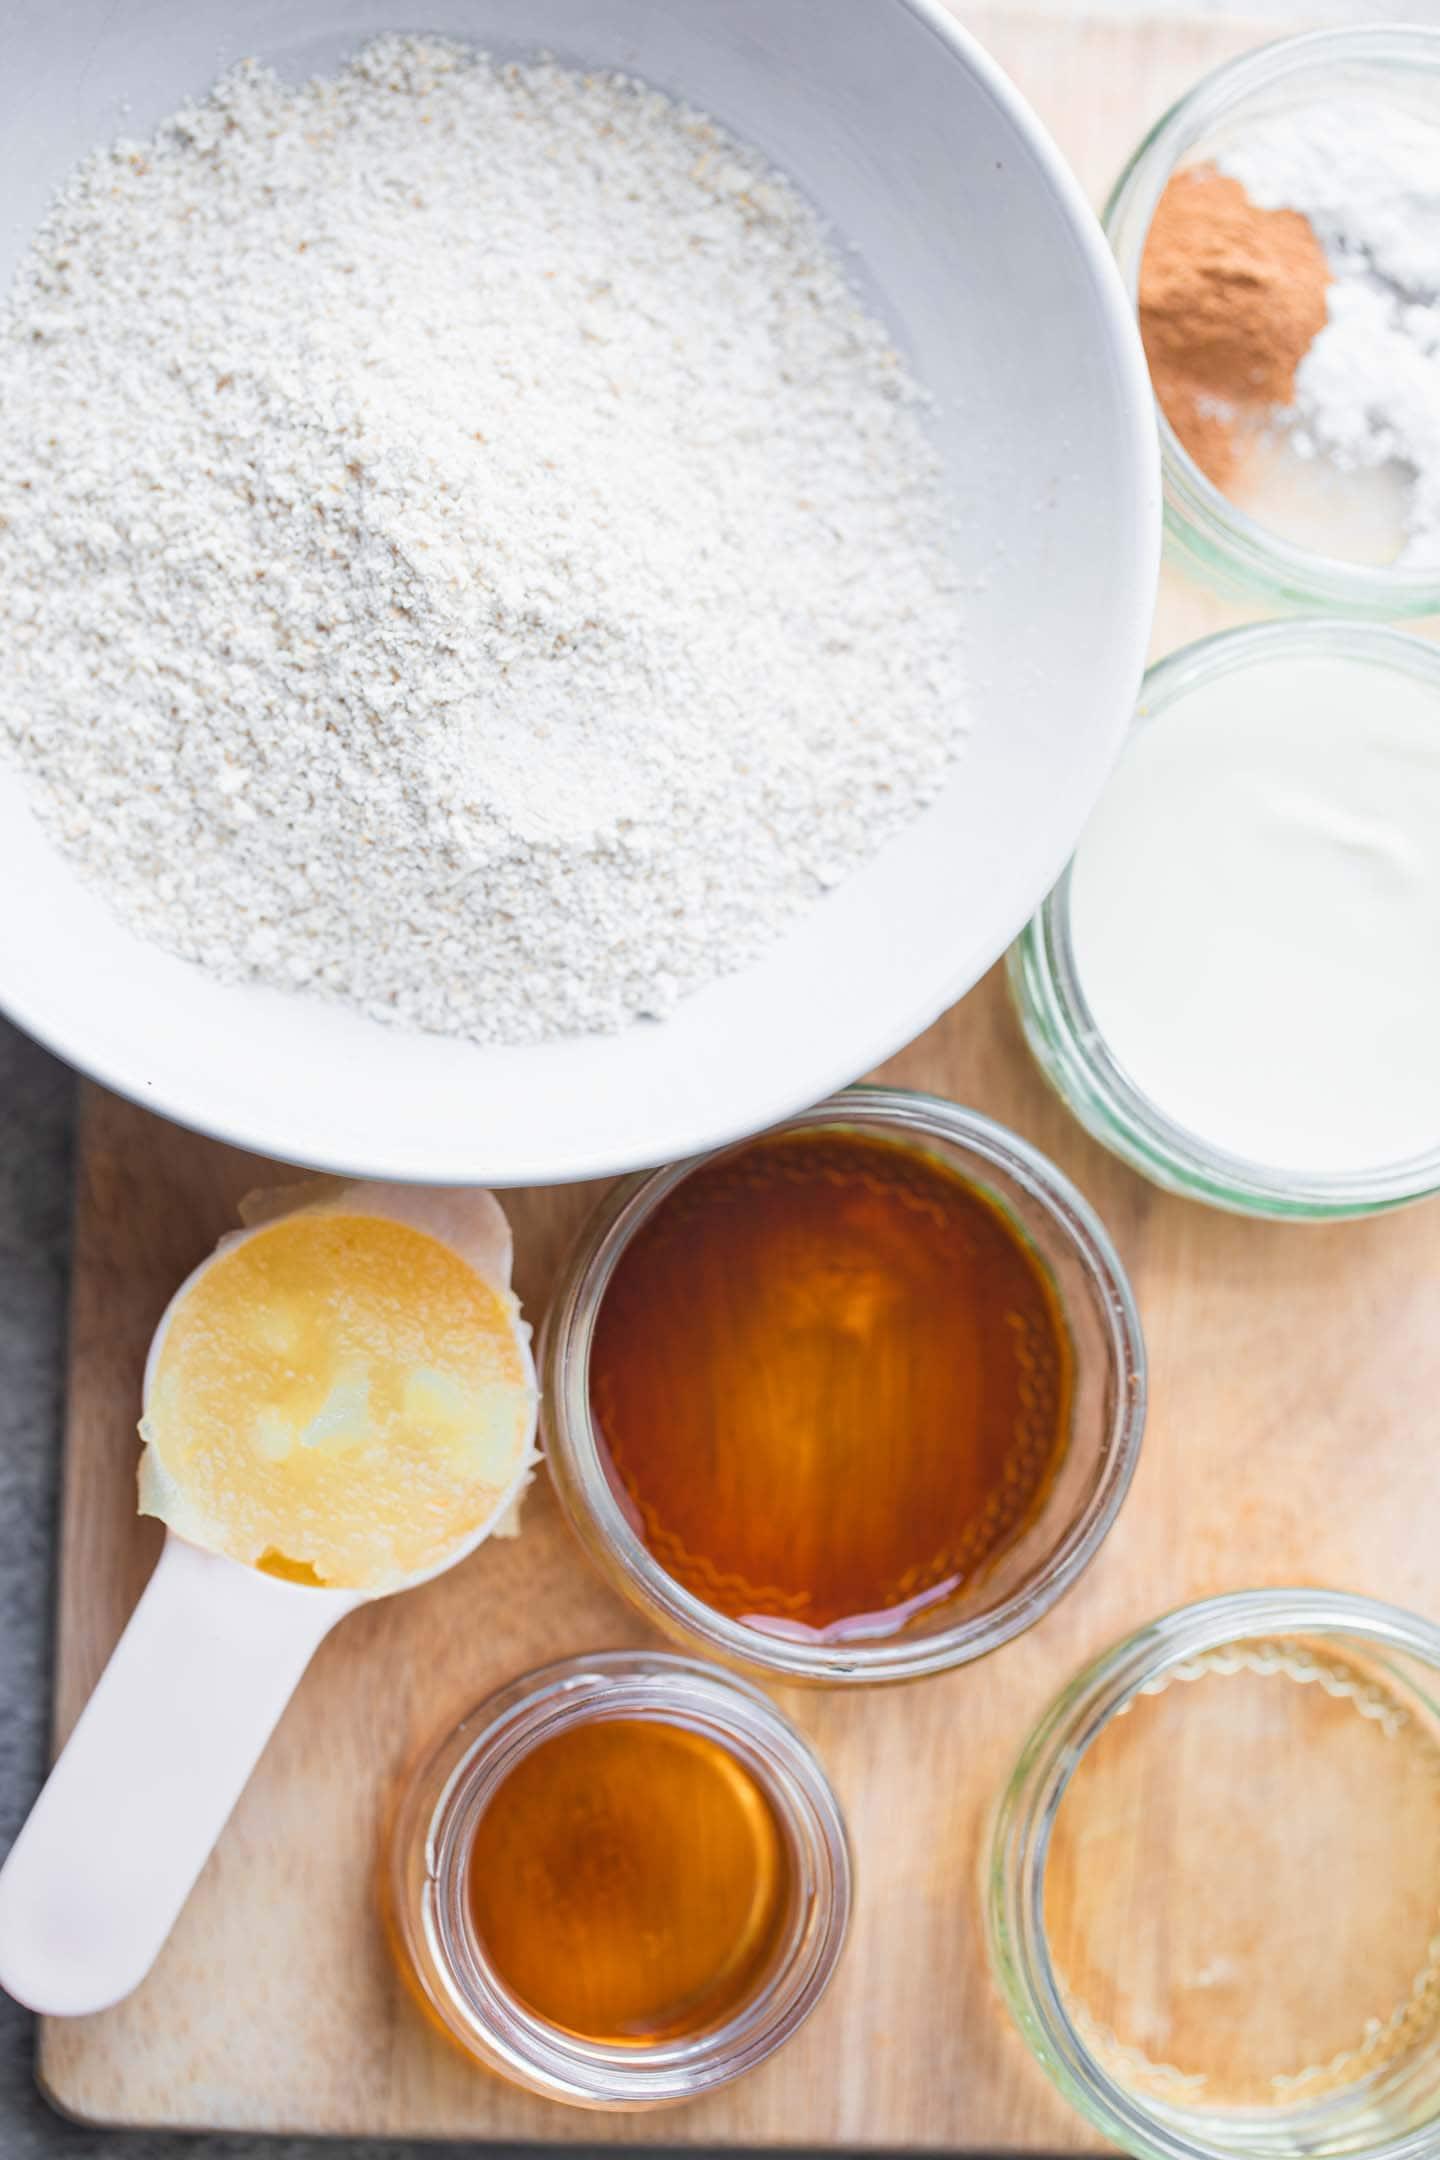 Ingredients for vegan cinnamon pancakes